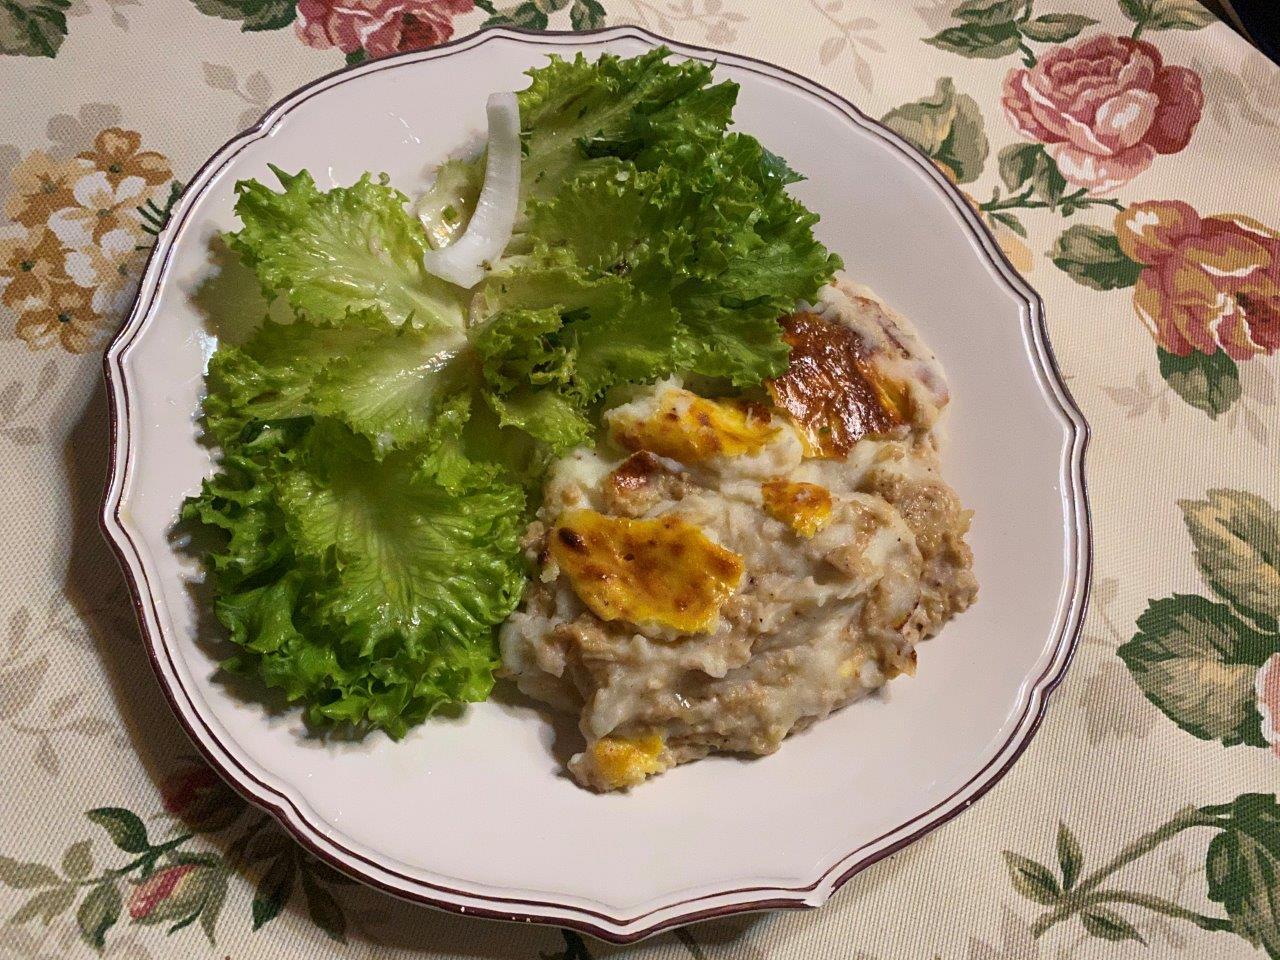 Empadão de frango com salada empadão de frango Empadão de frango Empadao 10